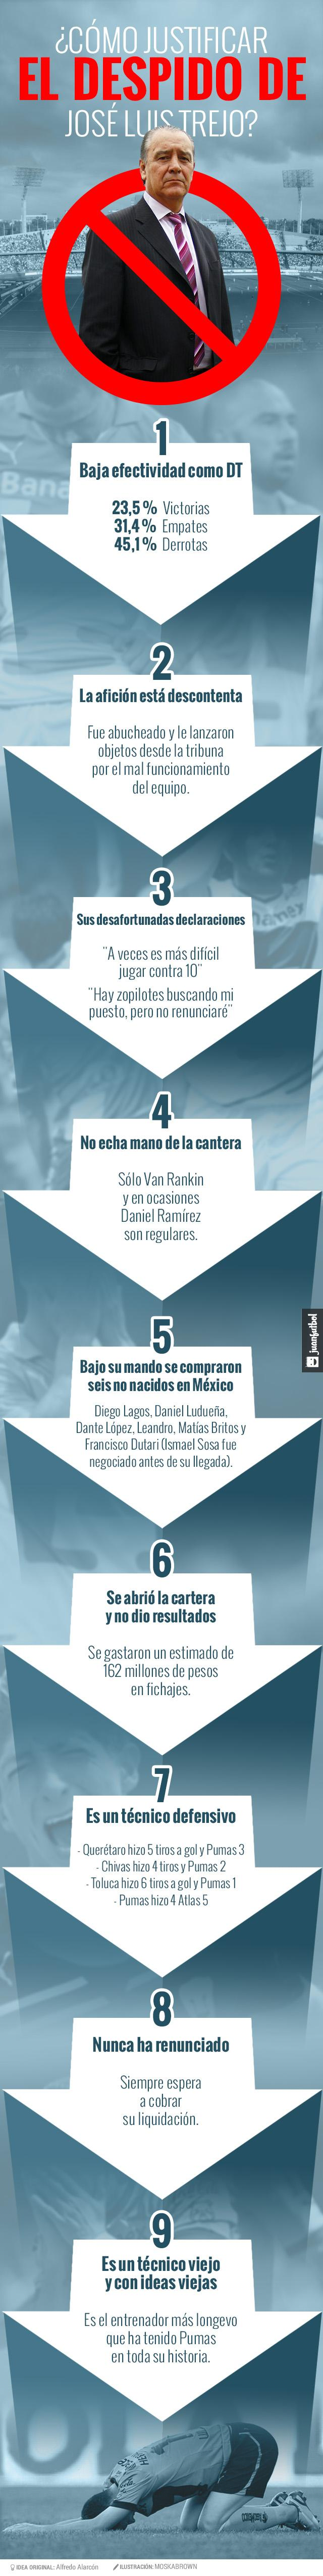 Infografía sobre las razones de pumas para despedir a José Luis Trejo